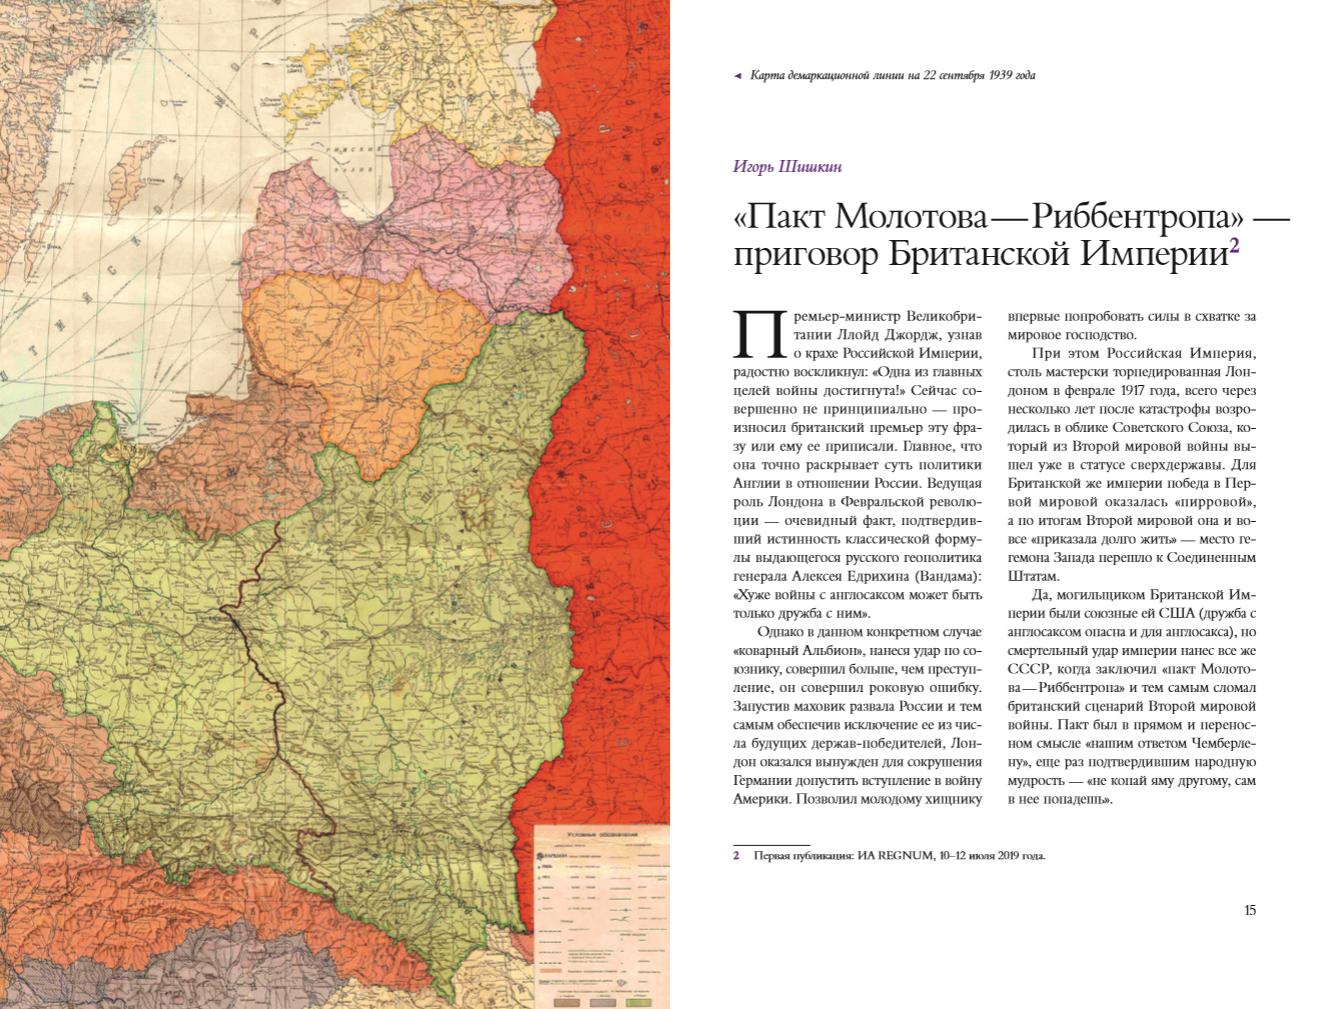 20200707_16-26-Новая книга ИА REGNUM- о пакте Молотова - Риббентропа-pic12